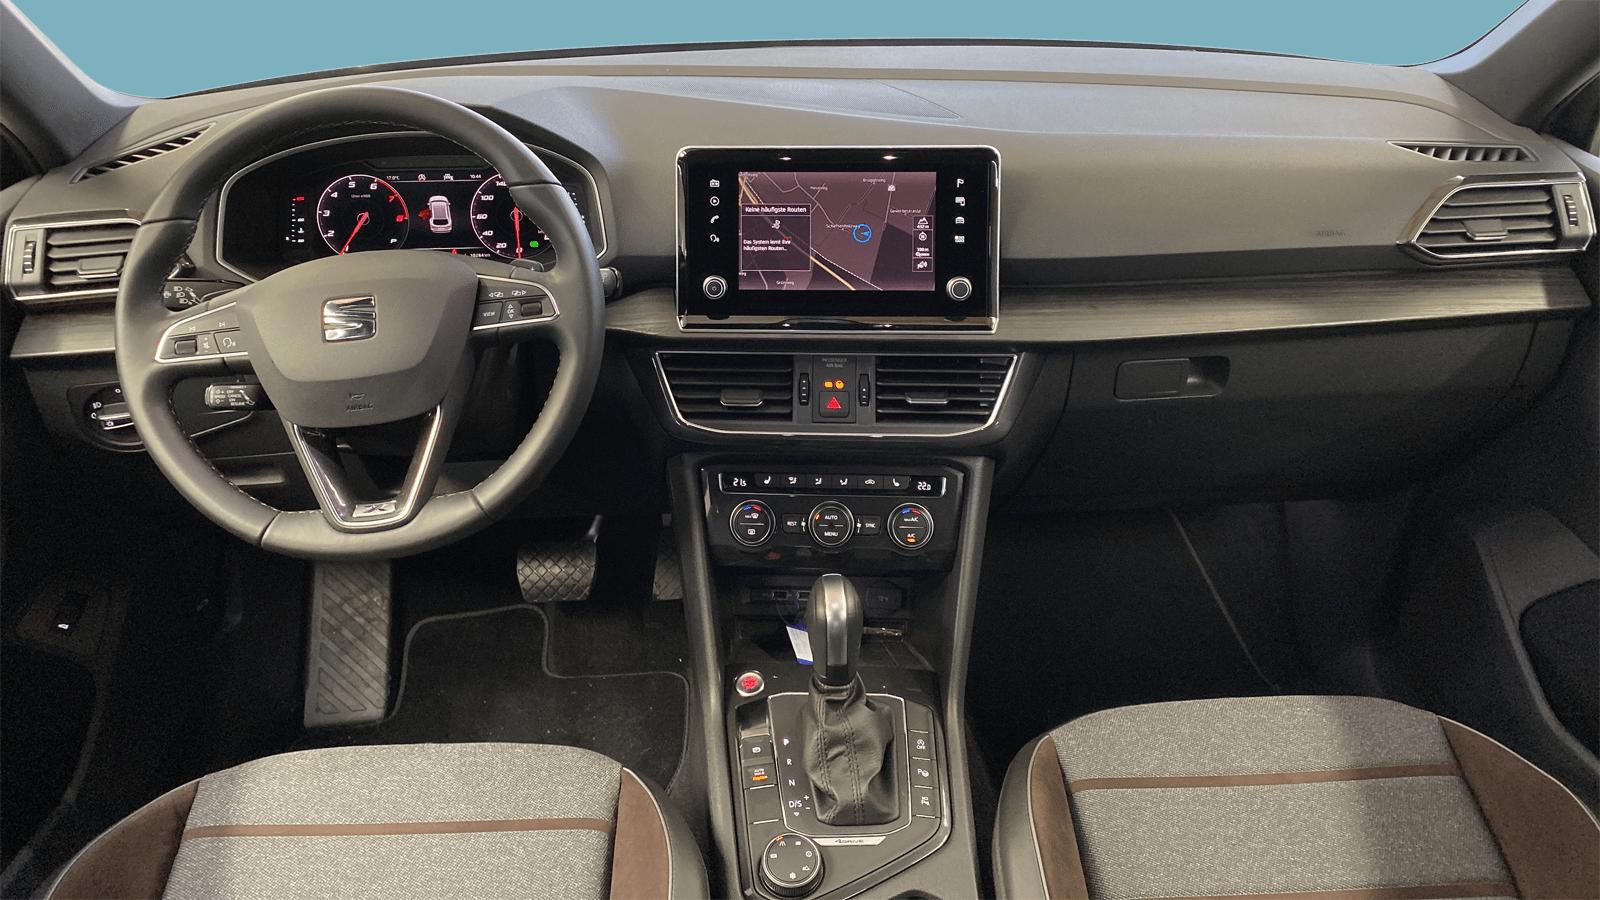 SEAT Tarraco Grey interior - Clyde car subscription